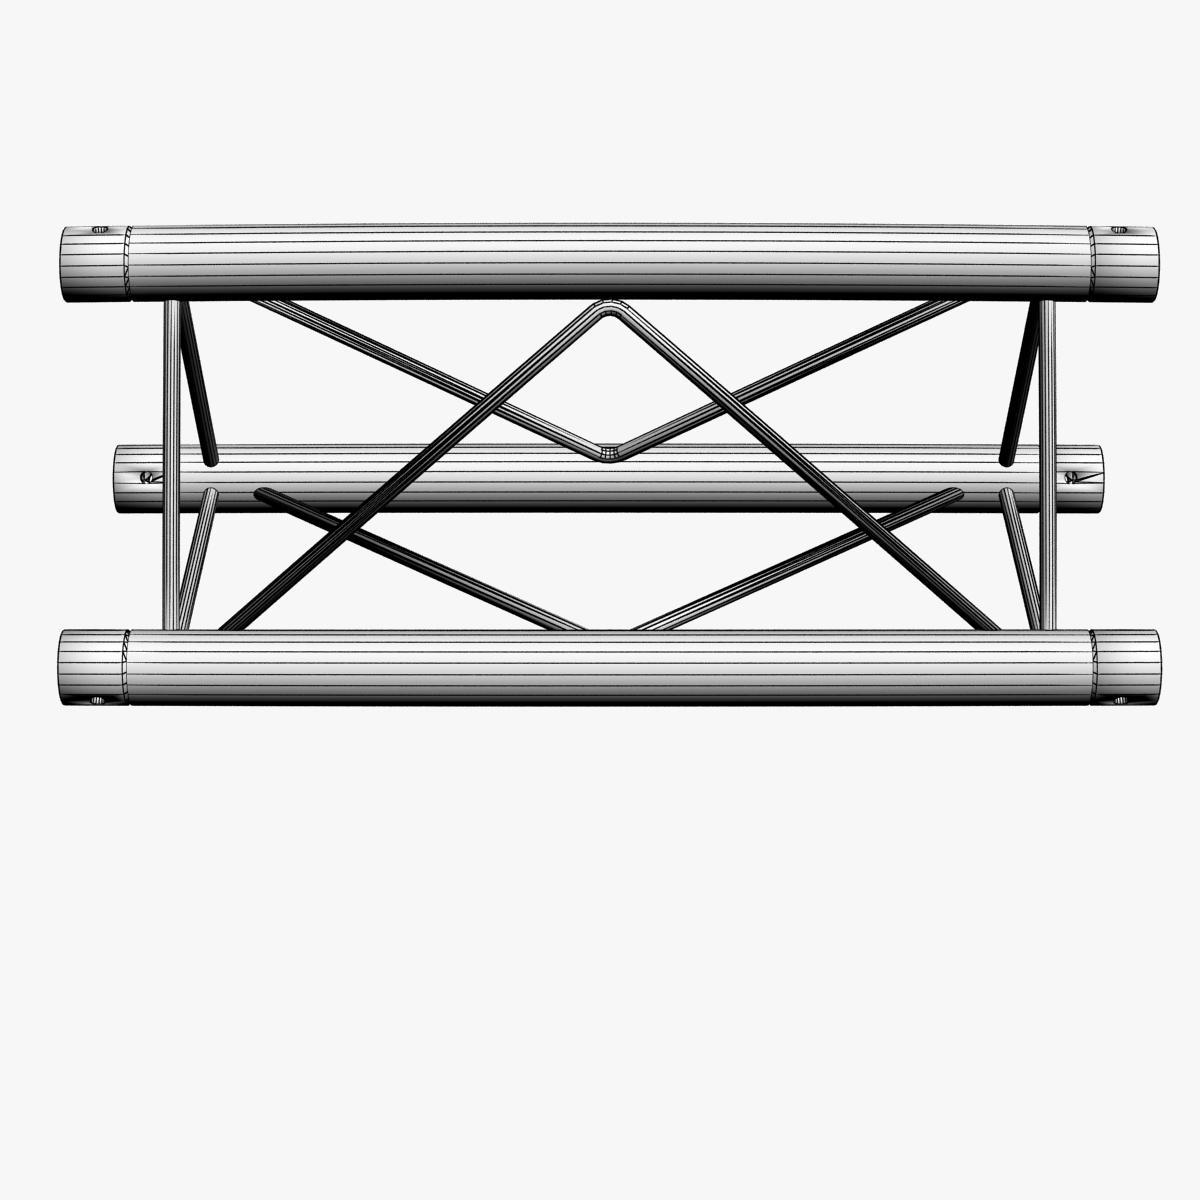 mini triangular truss straight segment 111 3d model 3ds max dxf fbx c4d  obj other 268878